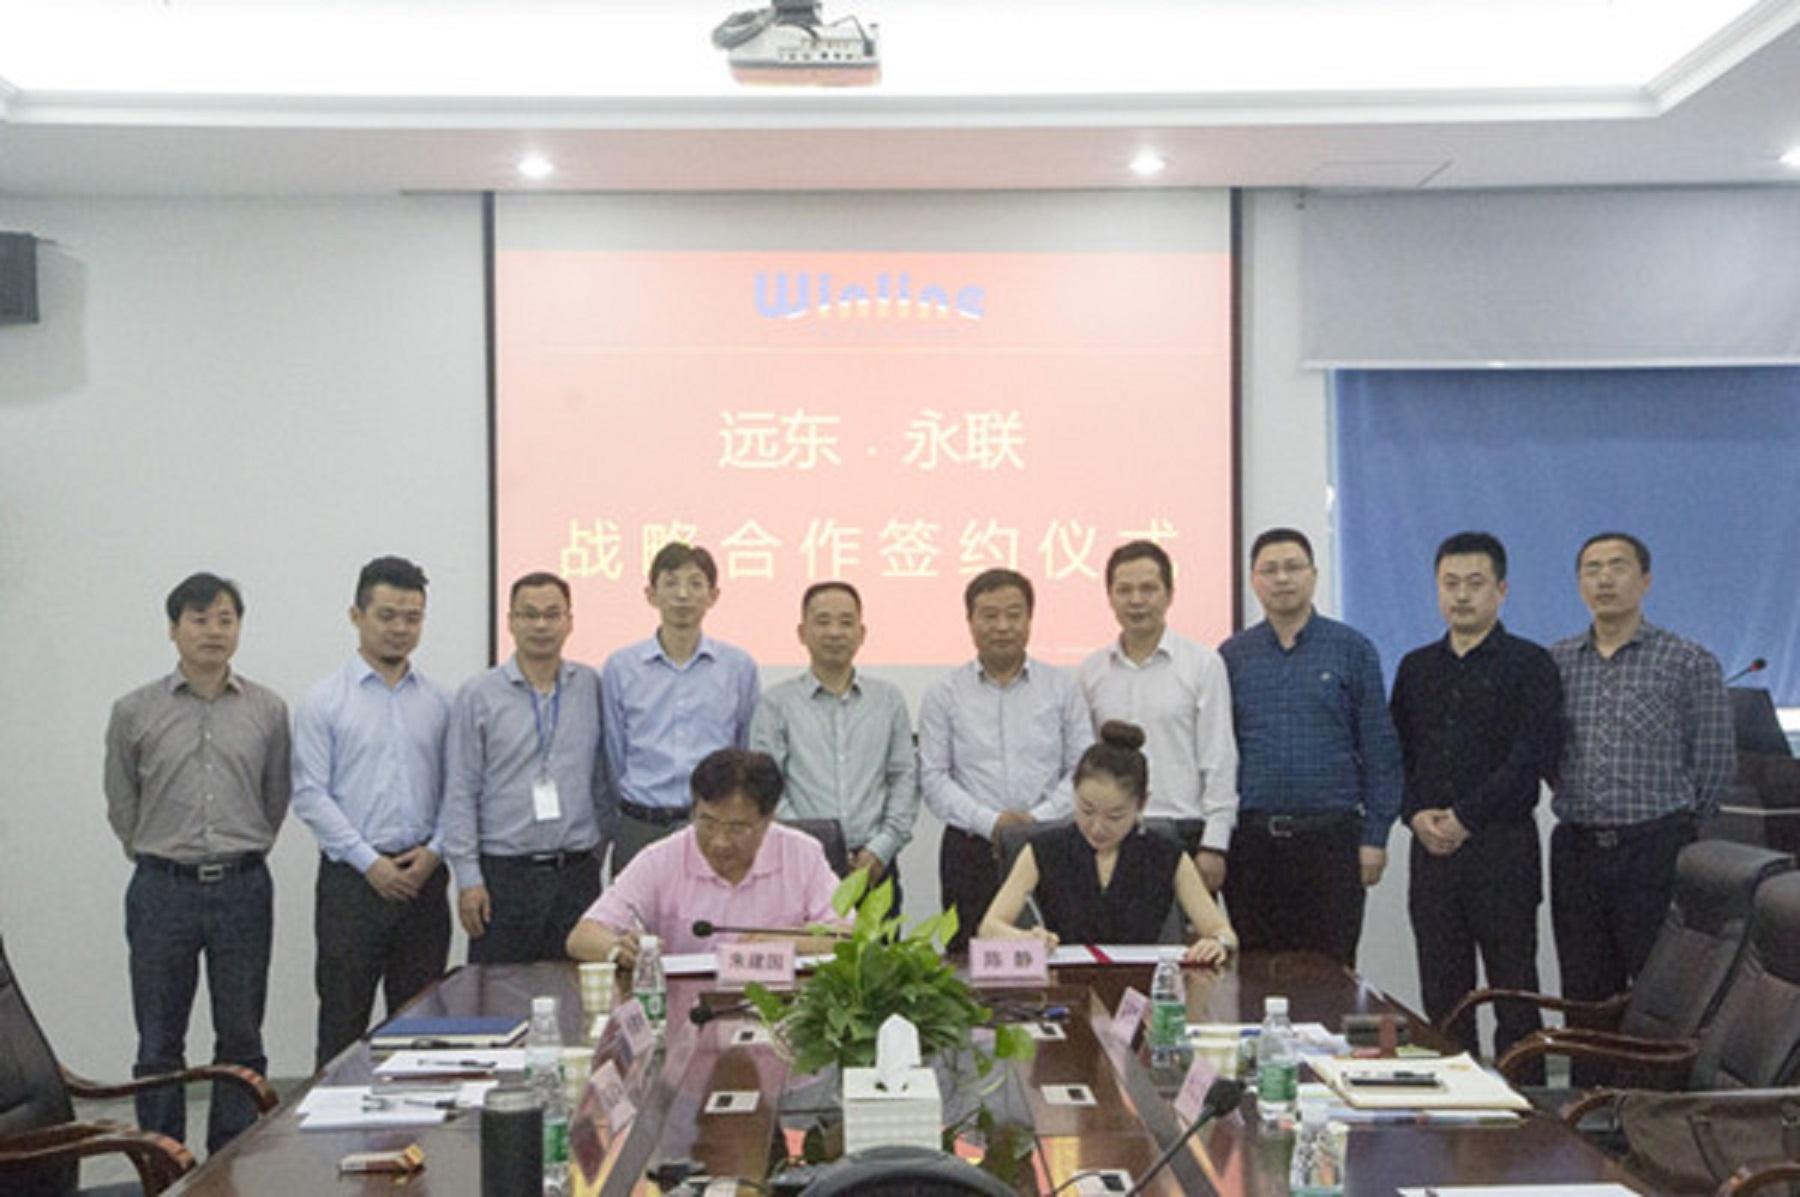 遠東智慧能源:走進深圳永聯 探討共贏發展新模式